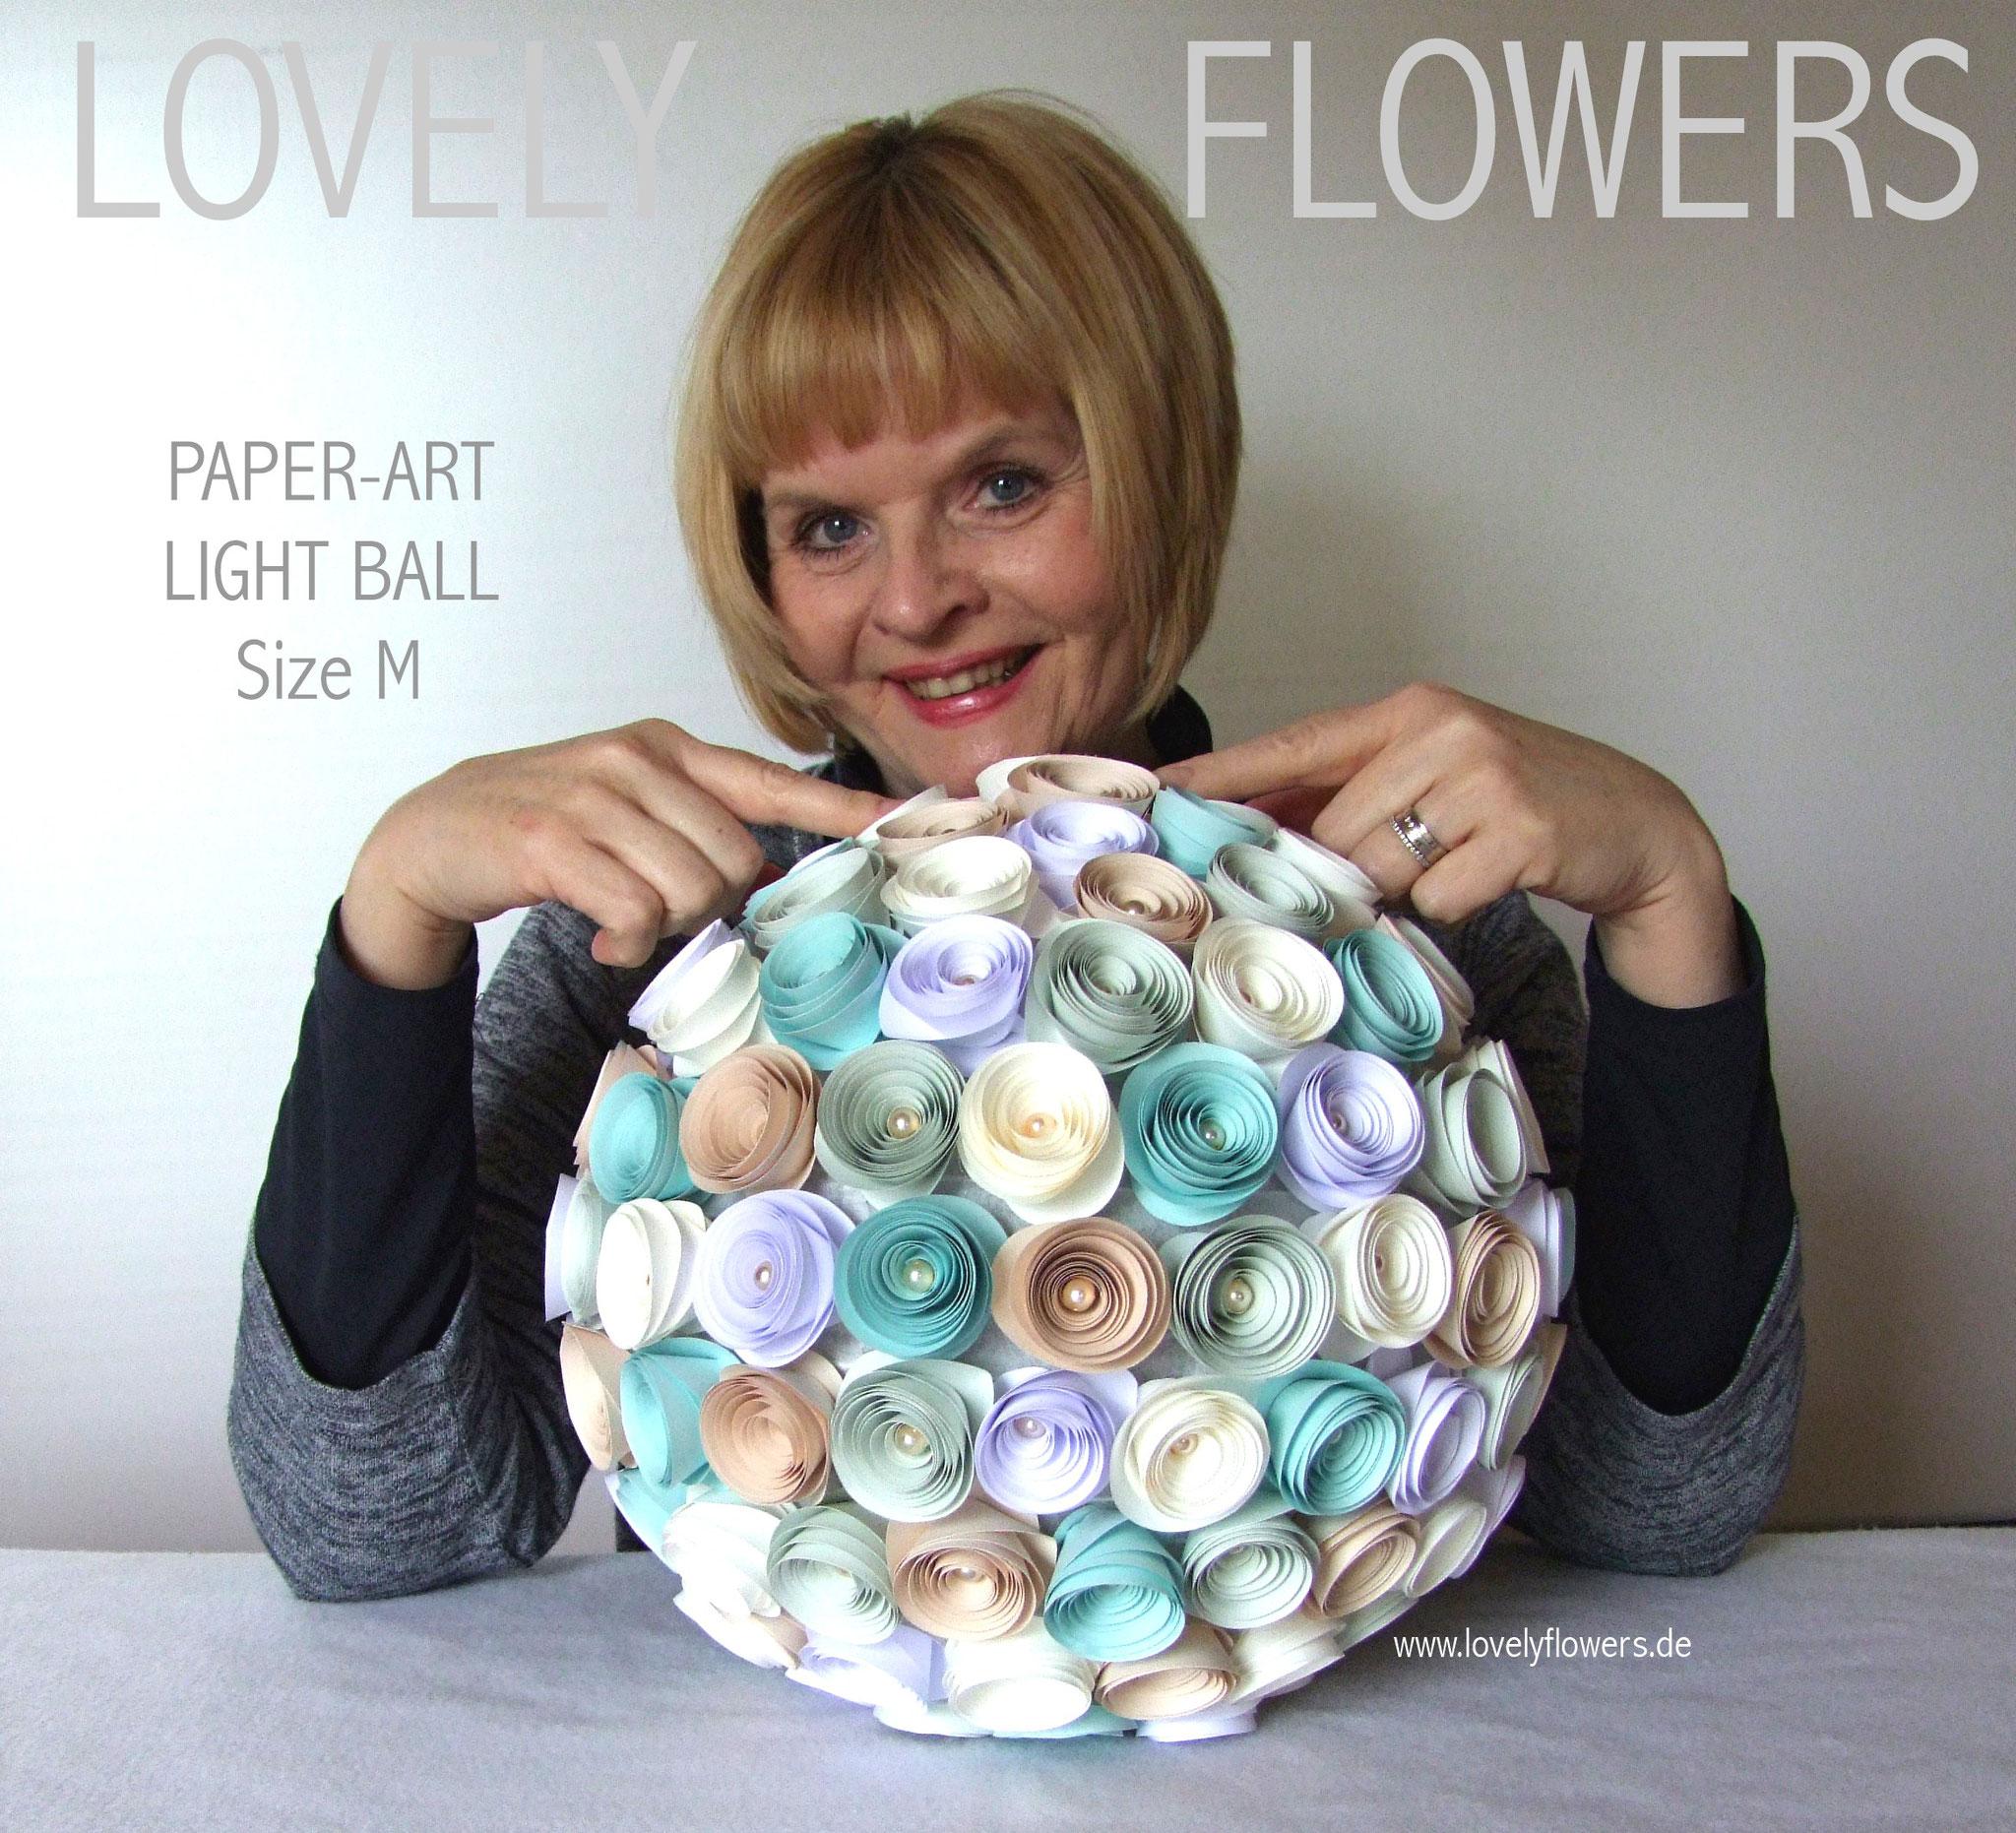 www.lovelyflowers.de - Paper Art Lampen gibt es in allen Größen!